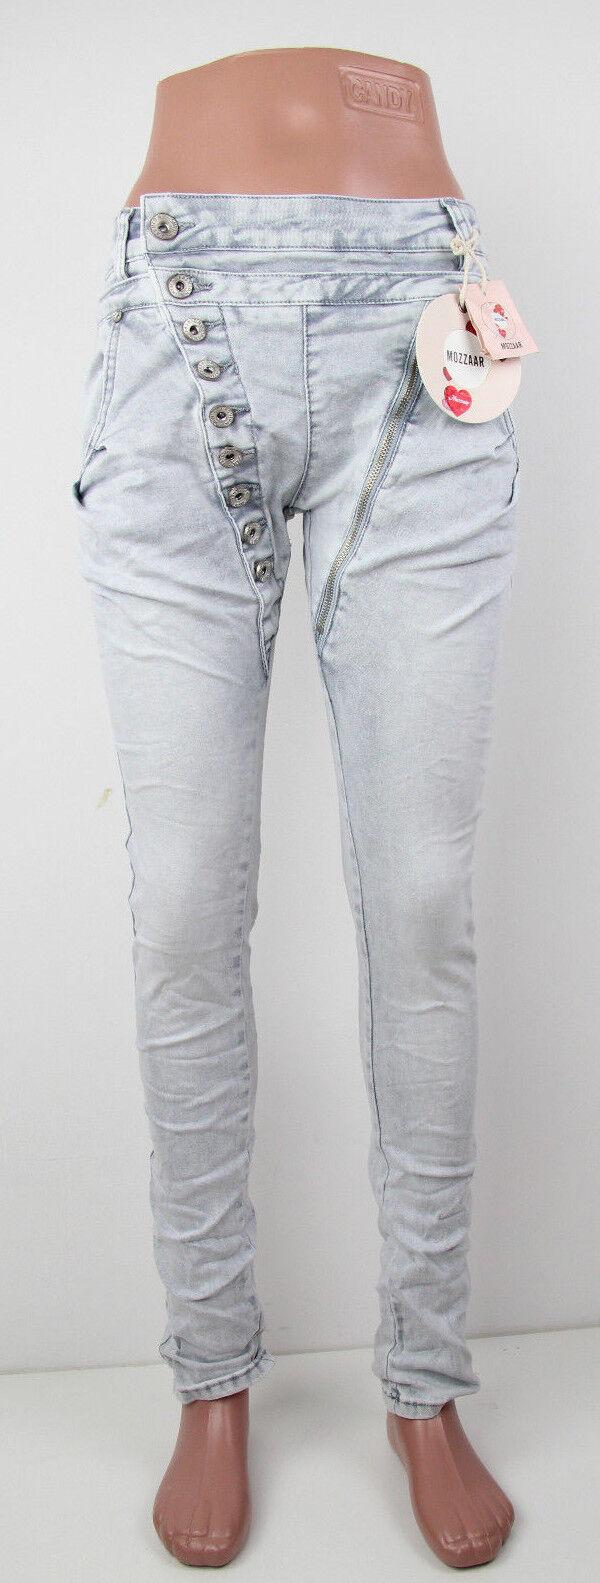 Damen Baggy Jeans Haremshose schräge Knopfleiste Stretch    MOZZAAR C613K-23 | Sale Deutschland  | Qualität  | Deutschland München  | Spielen Sie auf der ganzen Welt und verhindern Sie, dass Ihre Kinder einsam sind  3ea8b9